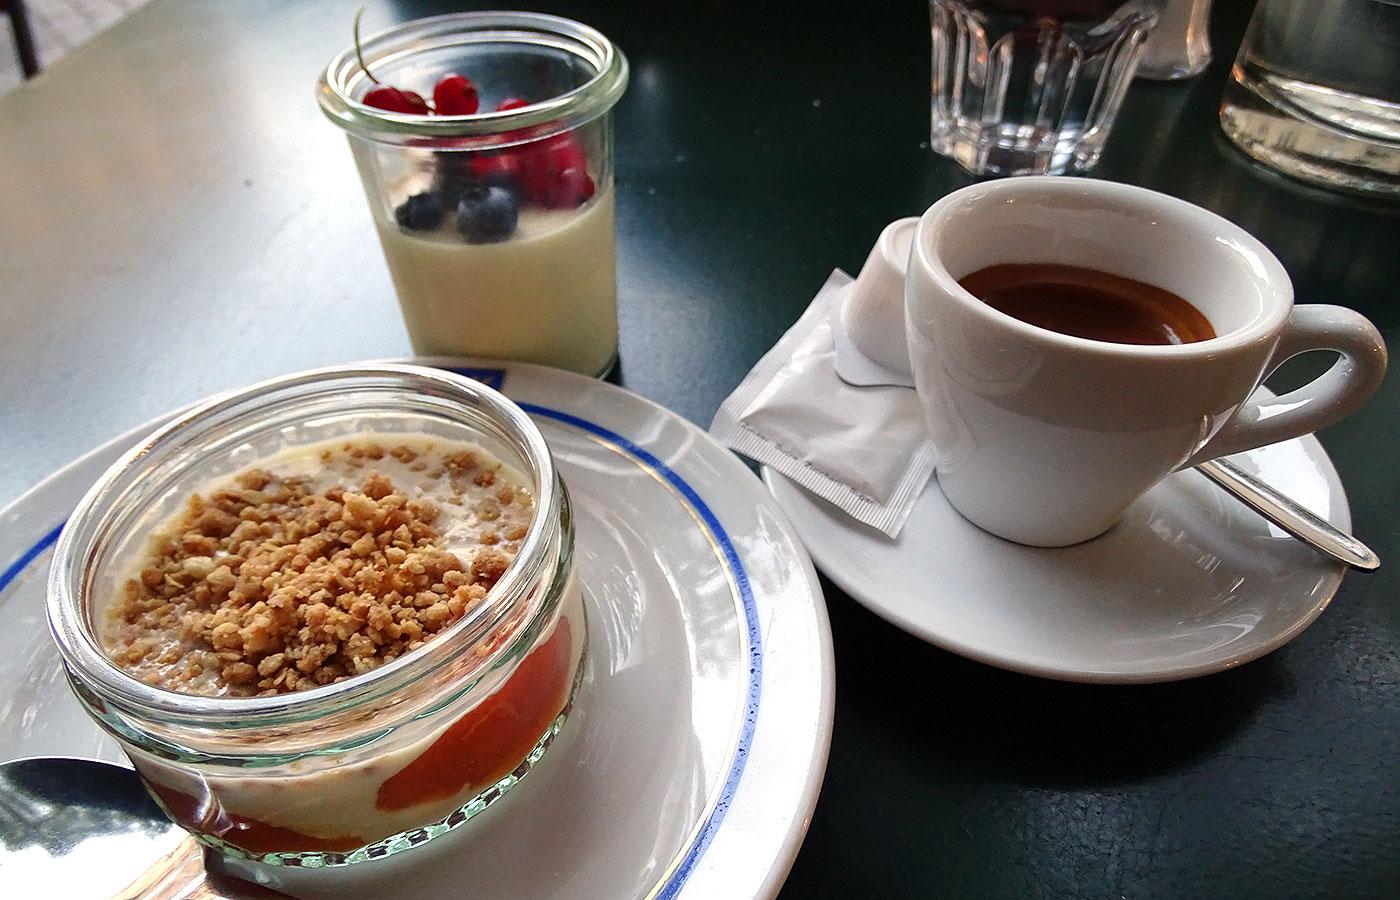 Restaurant Lotti: Aprikosenkompott mit Vanillesauce und Crumble und Panna Cotta mit frischen Beeren